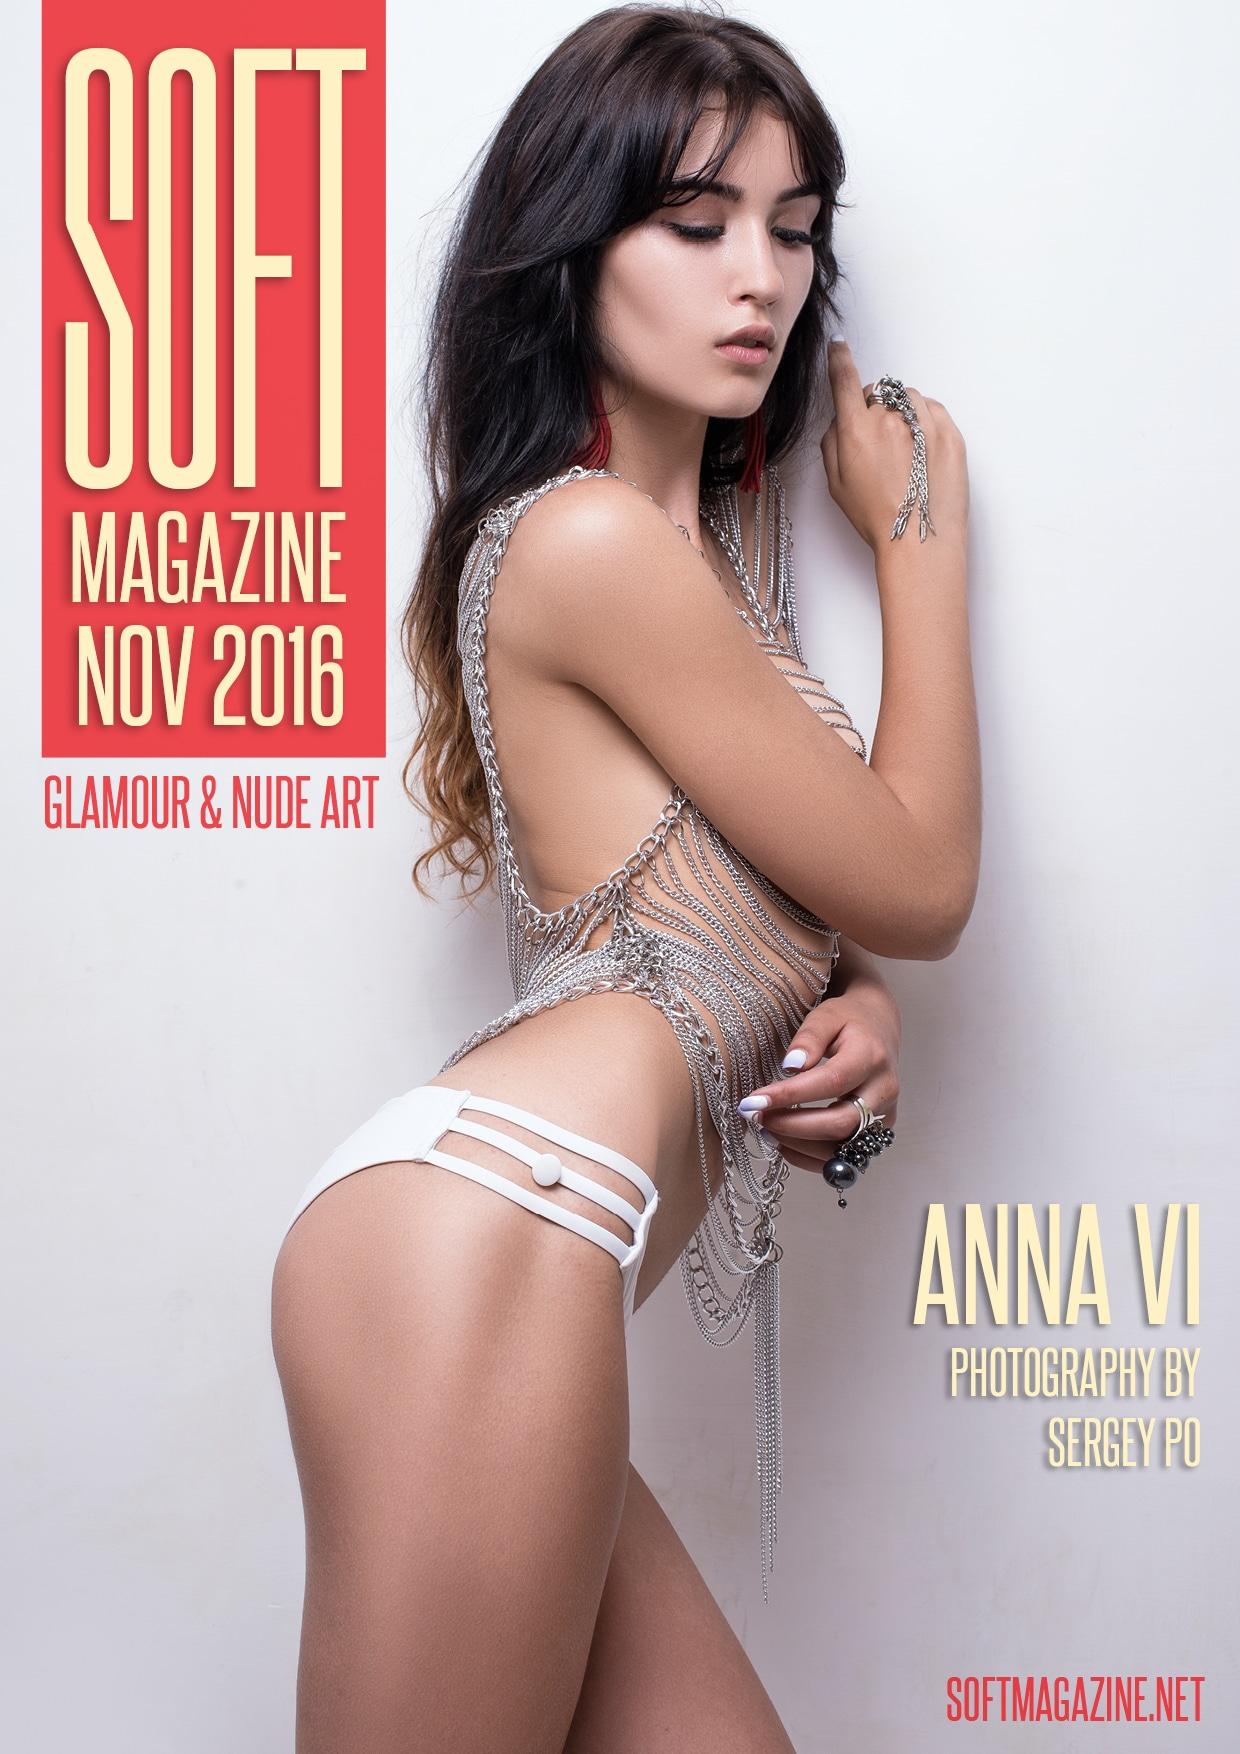 Soft Magazine – November 2016 – Anna Vi